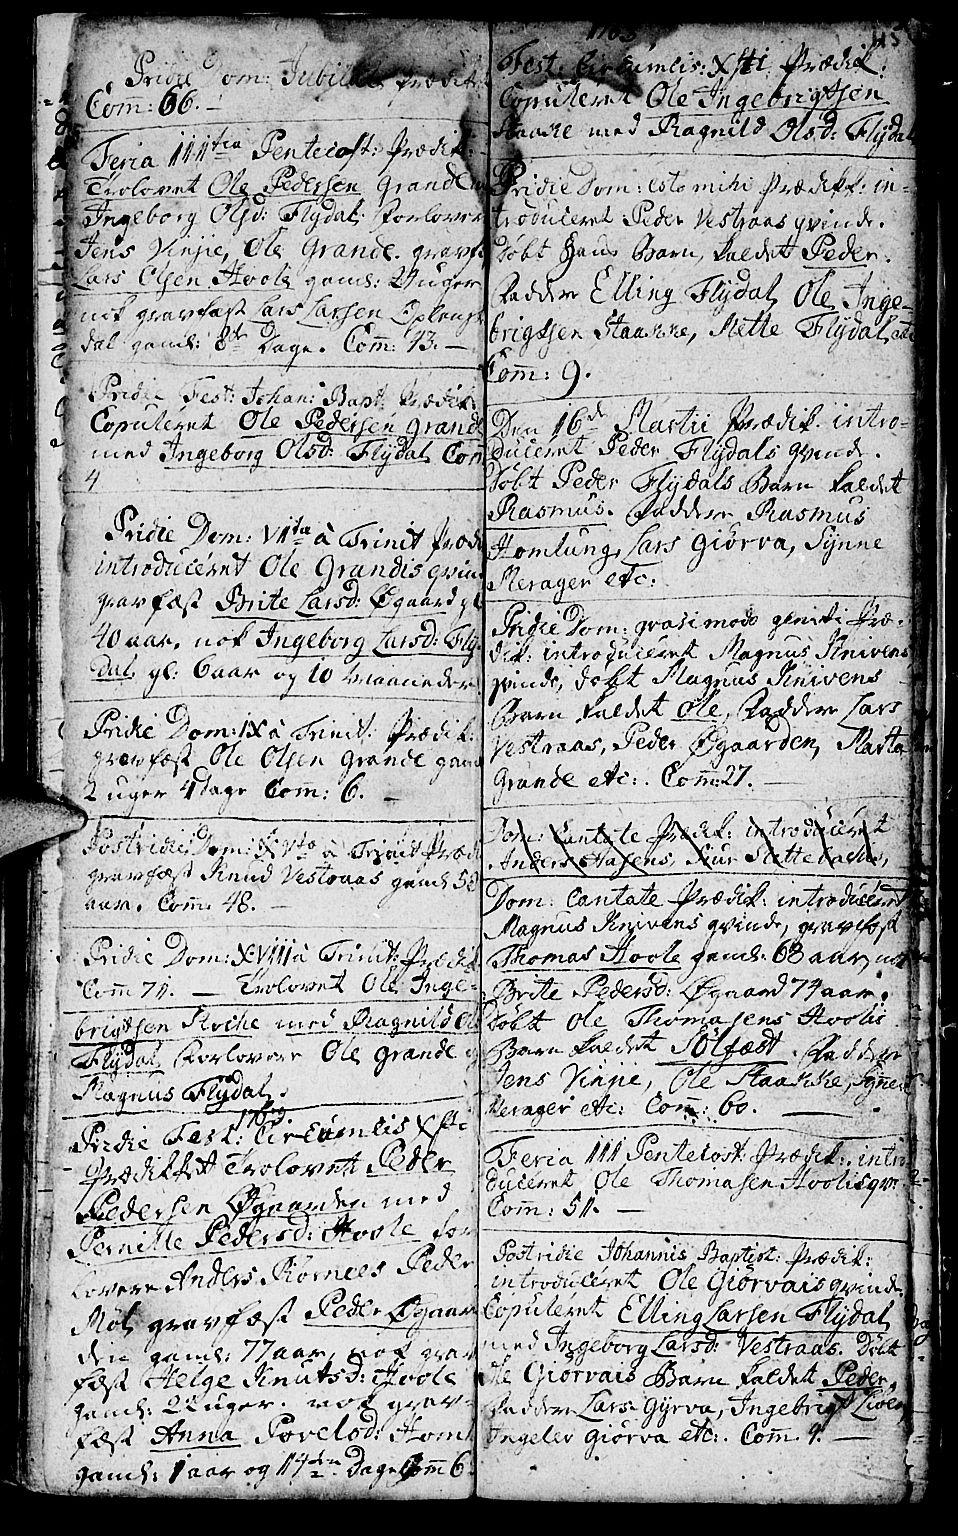 SAT, Ministerialprotokoller, klokkerbøker og fødselsregistre - Møre og Romsdal, 519/L0243: Ministerialbok nr. 519A02, 1760-1770, s. 115